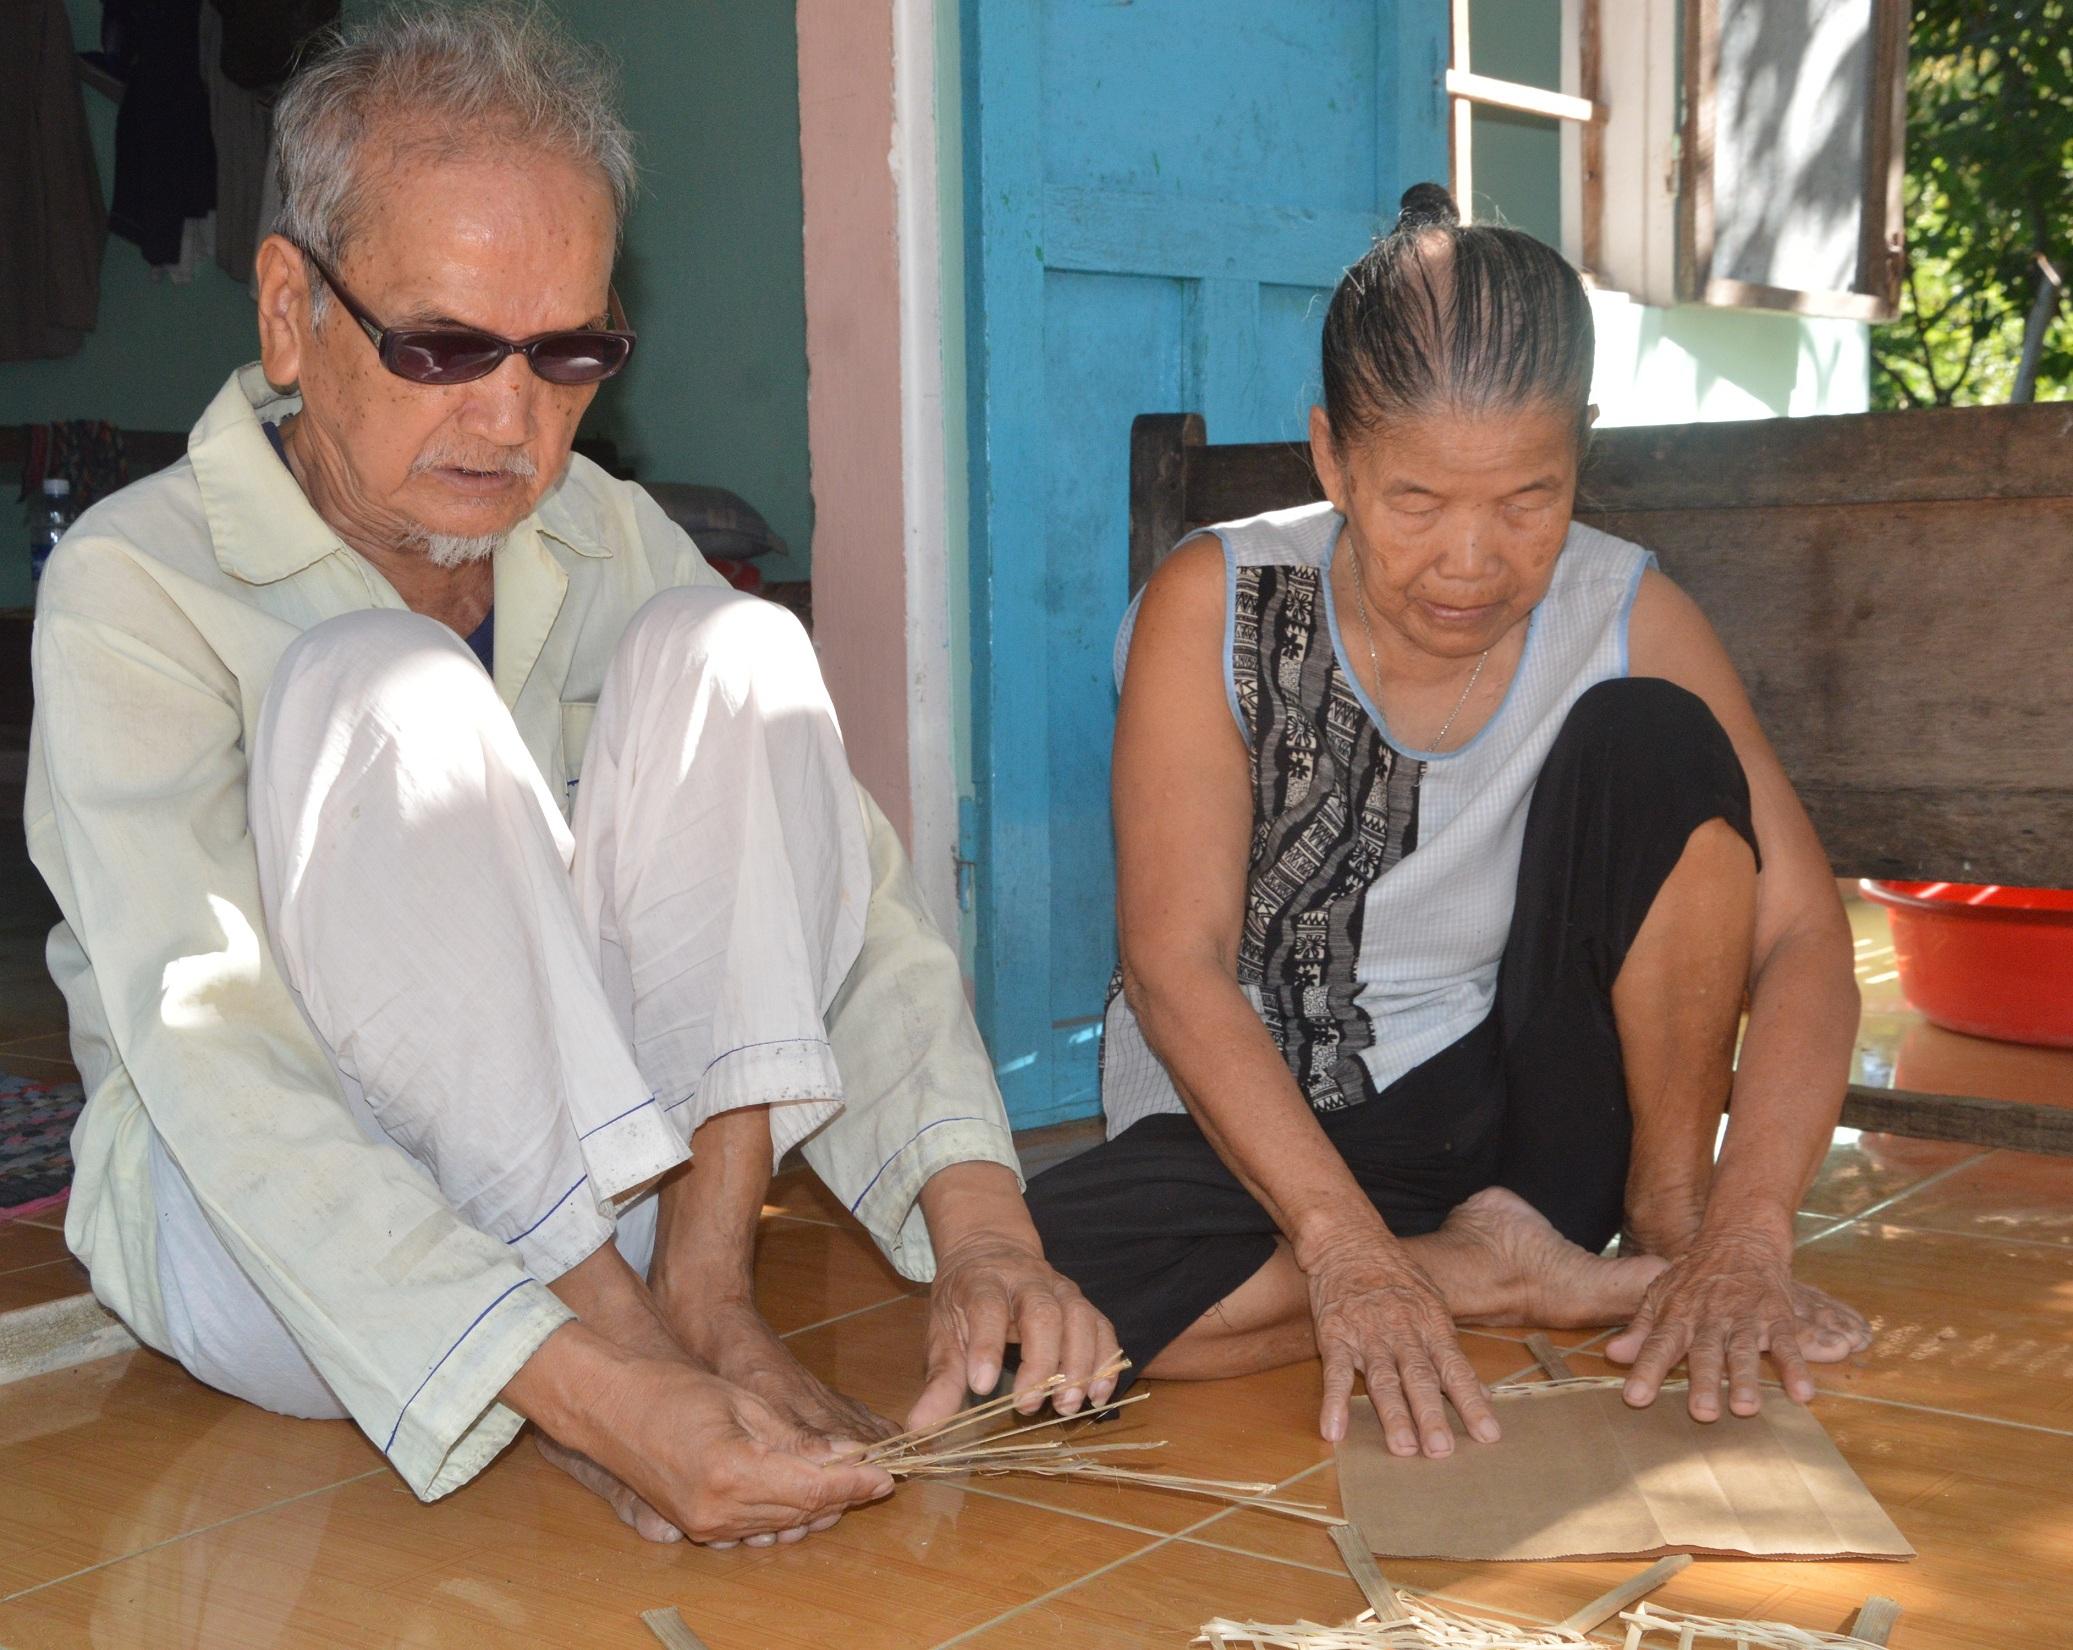 Căn nhà của đôi vợ chồng mù: Nơi nương tựa của những mảnh đời vô gia cư - Ảnh 1